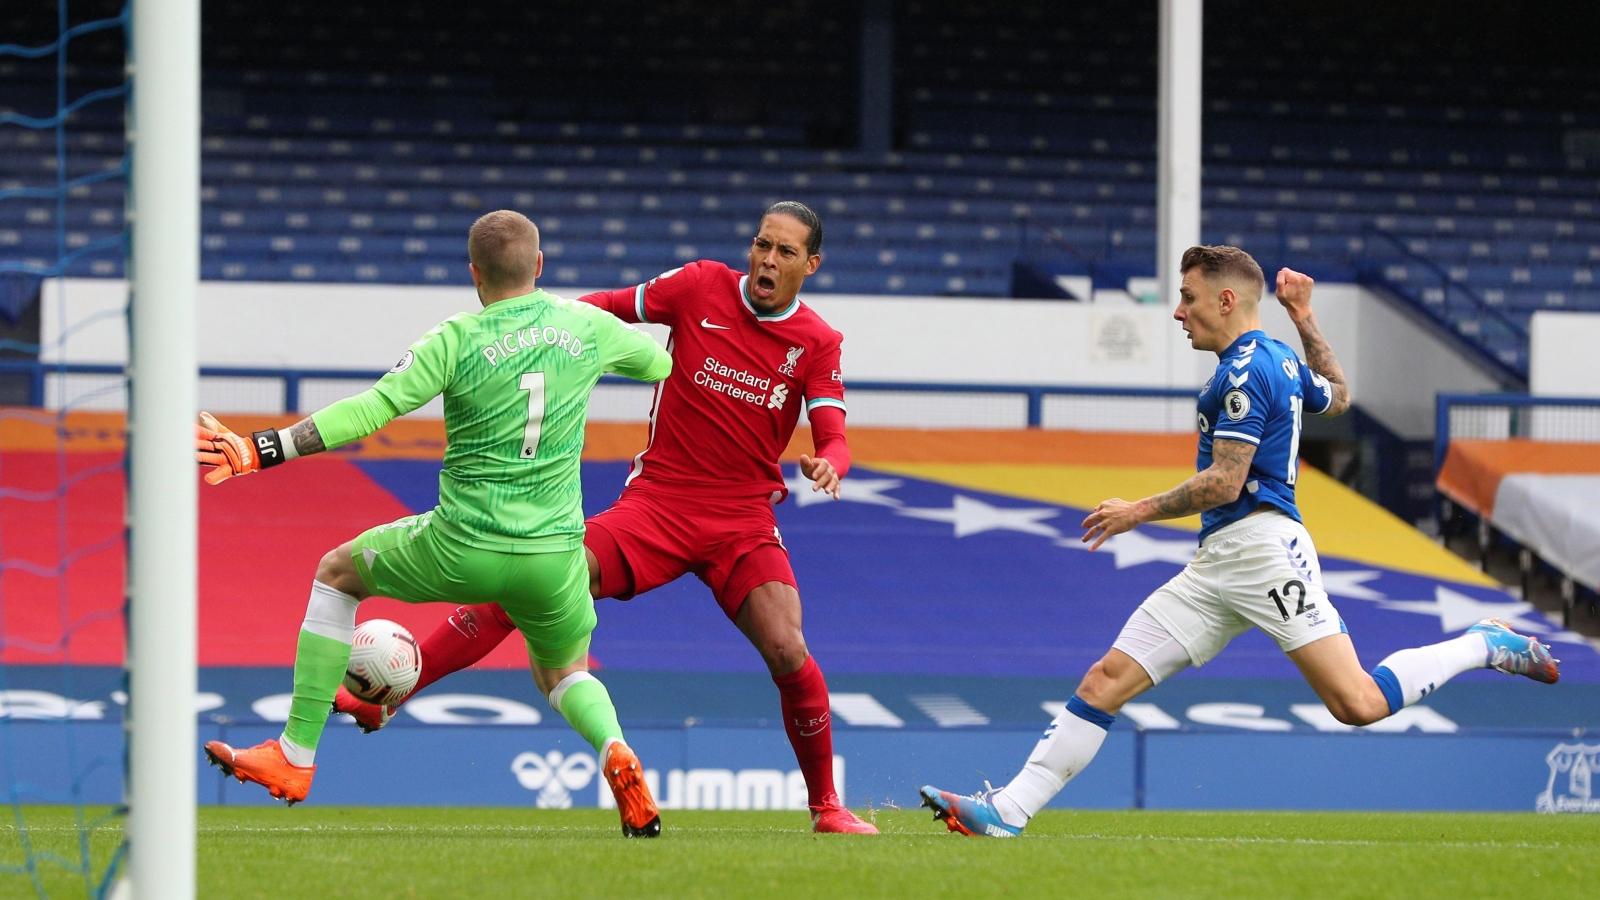 Hồi phục chậm hơn dự kiến, Van Dijk chính thức nghỉ thi đấu hết mùa